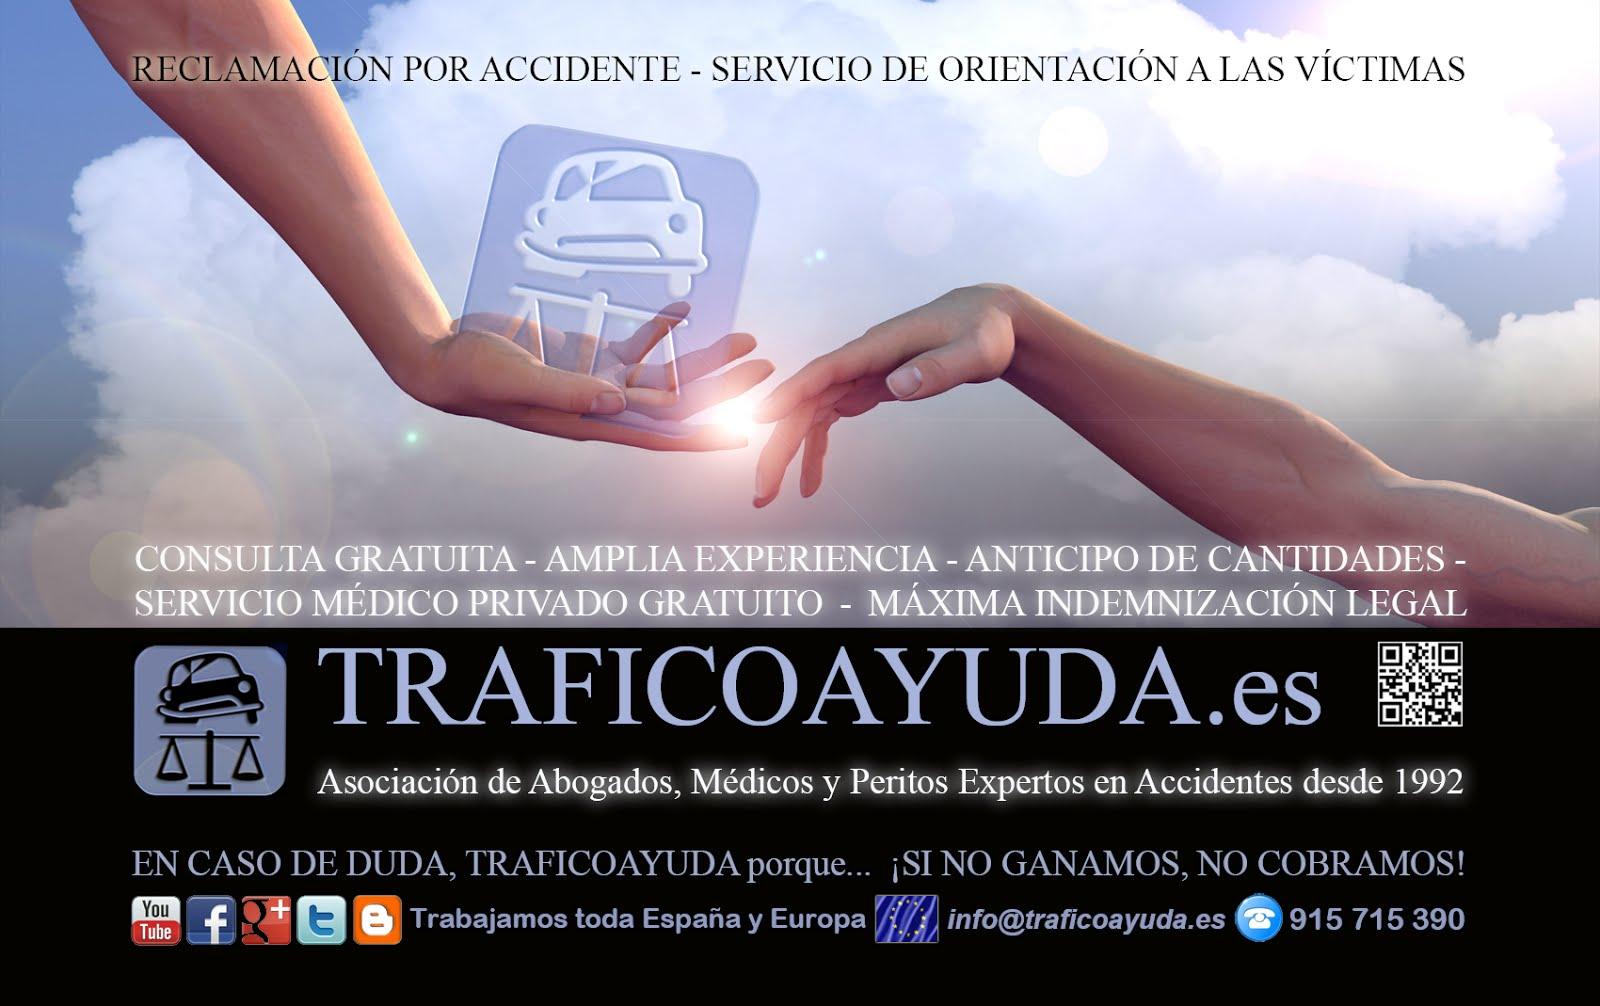 ¡ CONSULTA GRATUITA ! - FREE CONSULTATION!